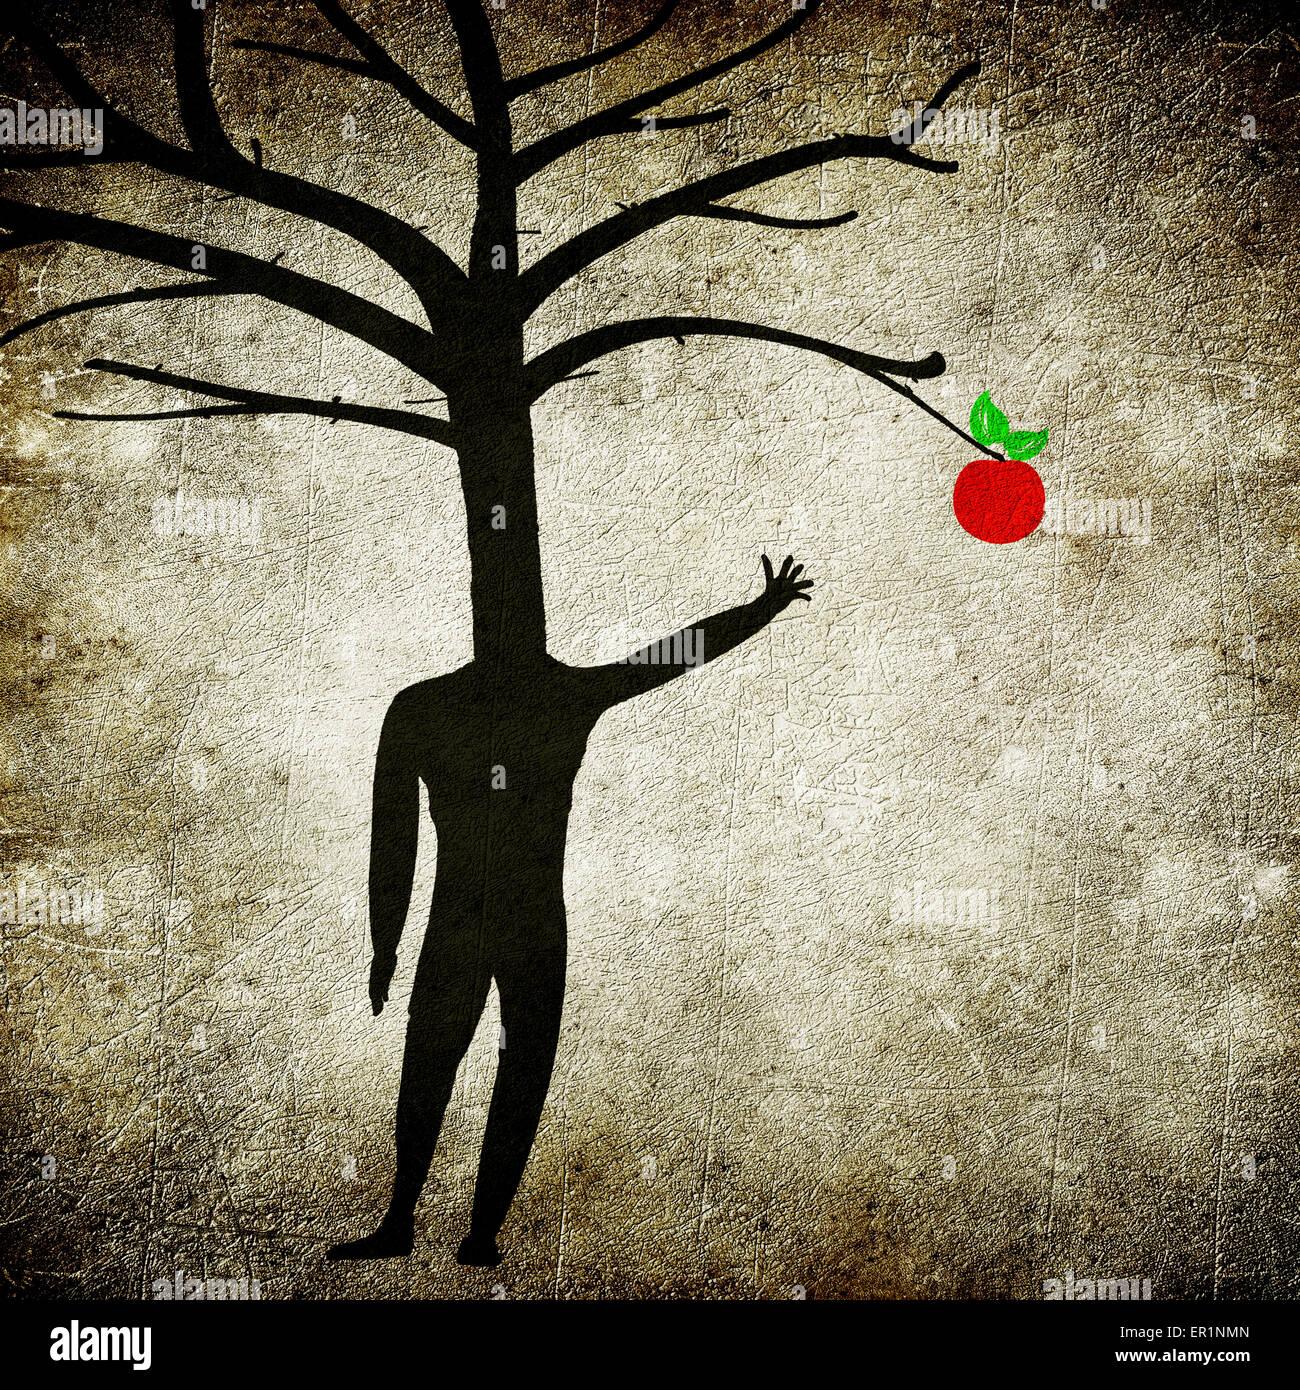 La maladie mentale concept illustration numérique avec l'homme arbre et Apple Photo Stock